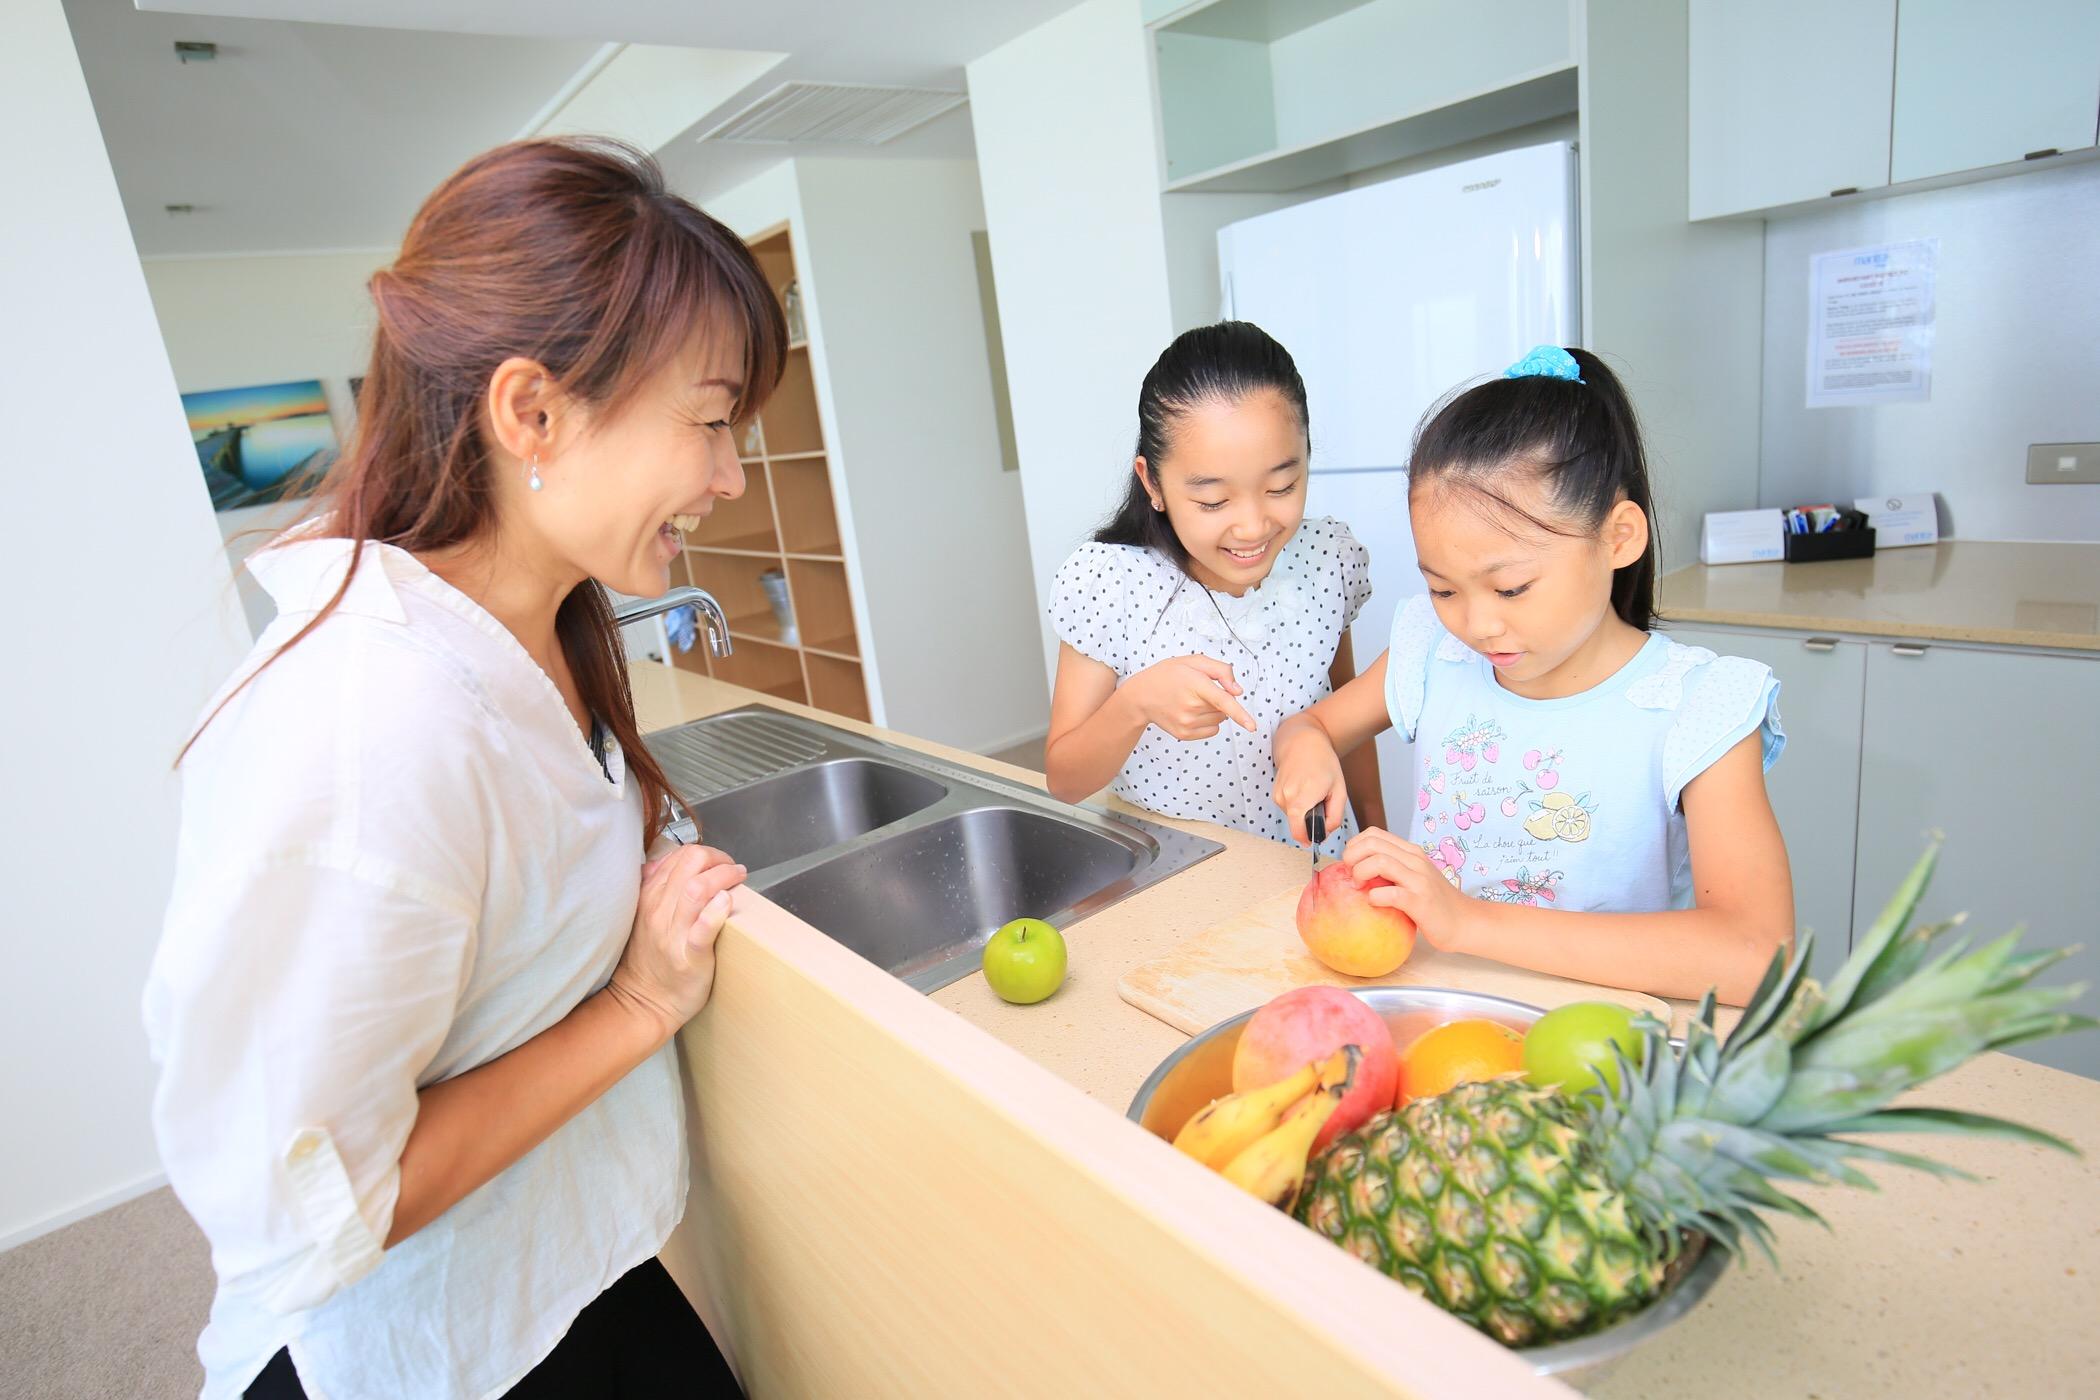 <p>キッチン用品が全て部屋に備わっているからフルーツをカットしたり、ステーキを焼いたりなど様々な調理が可能。</p>